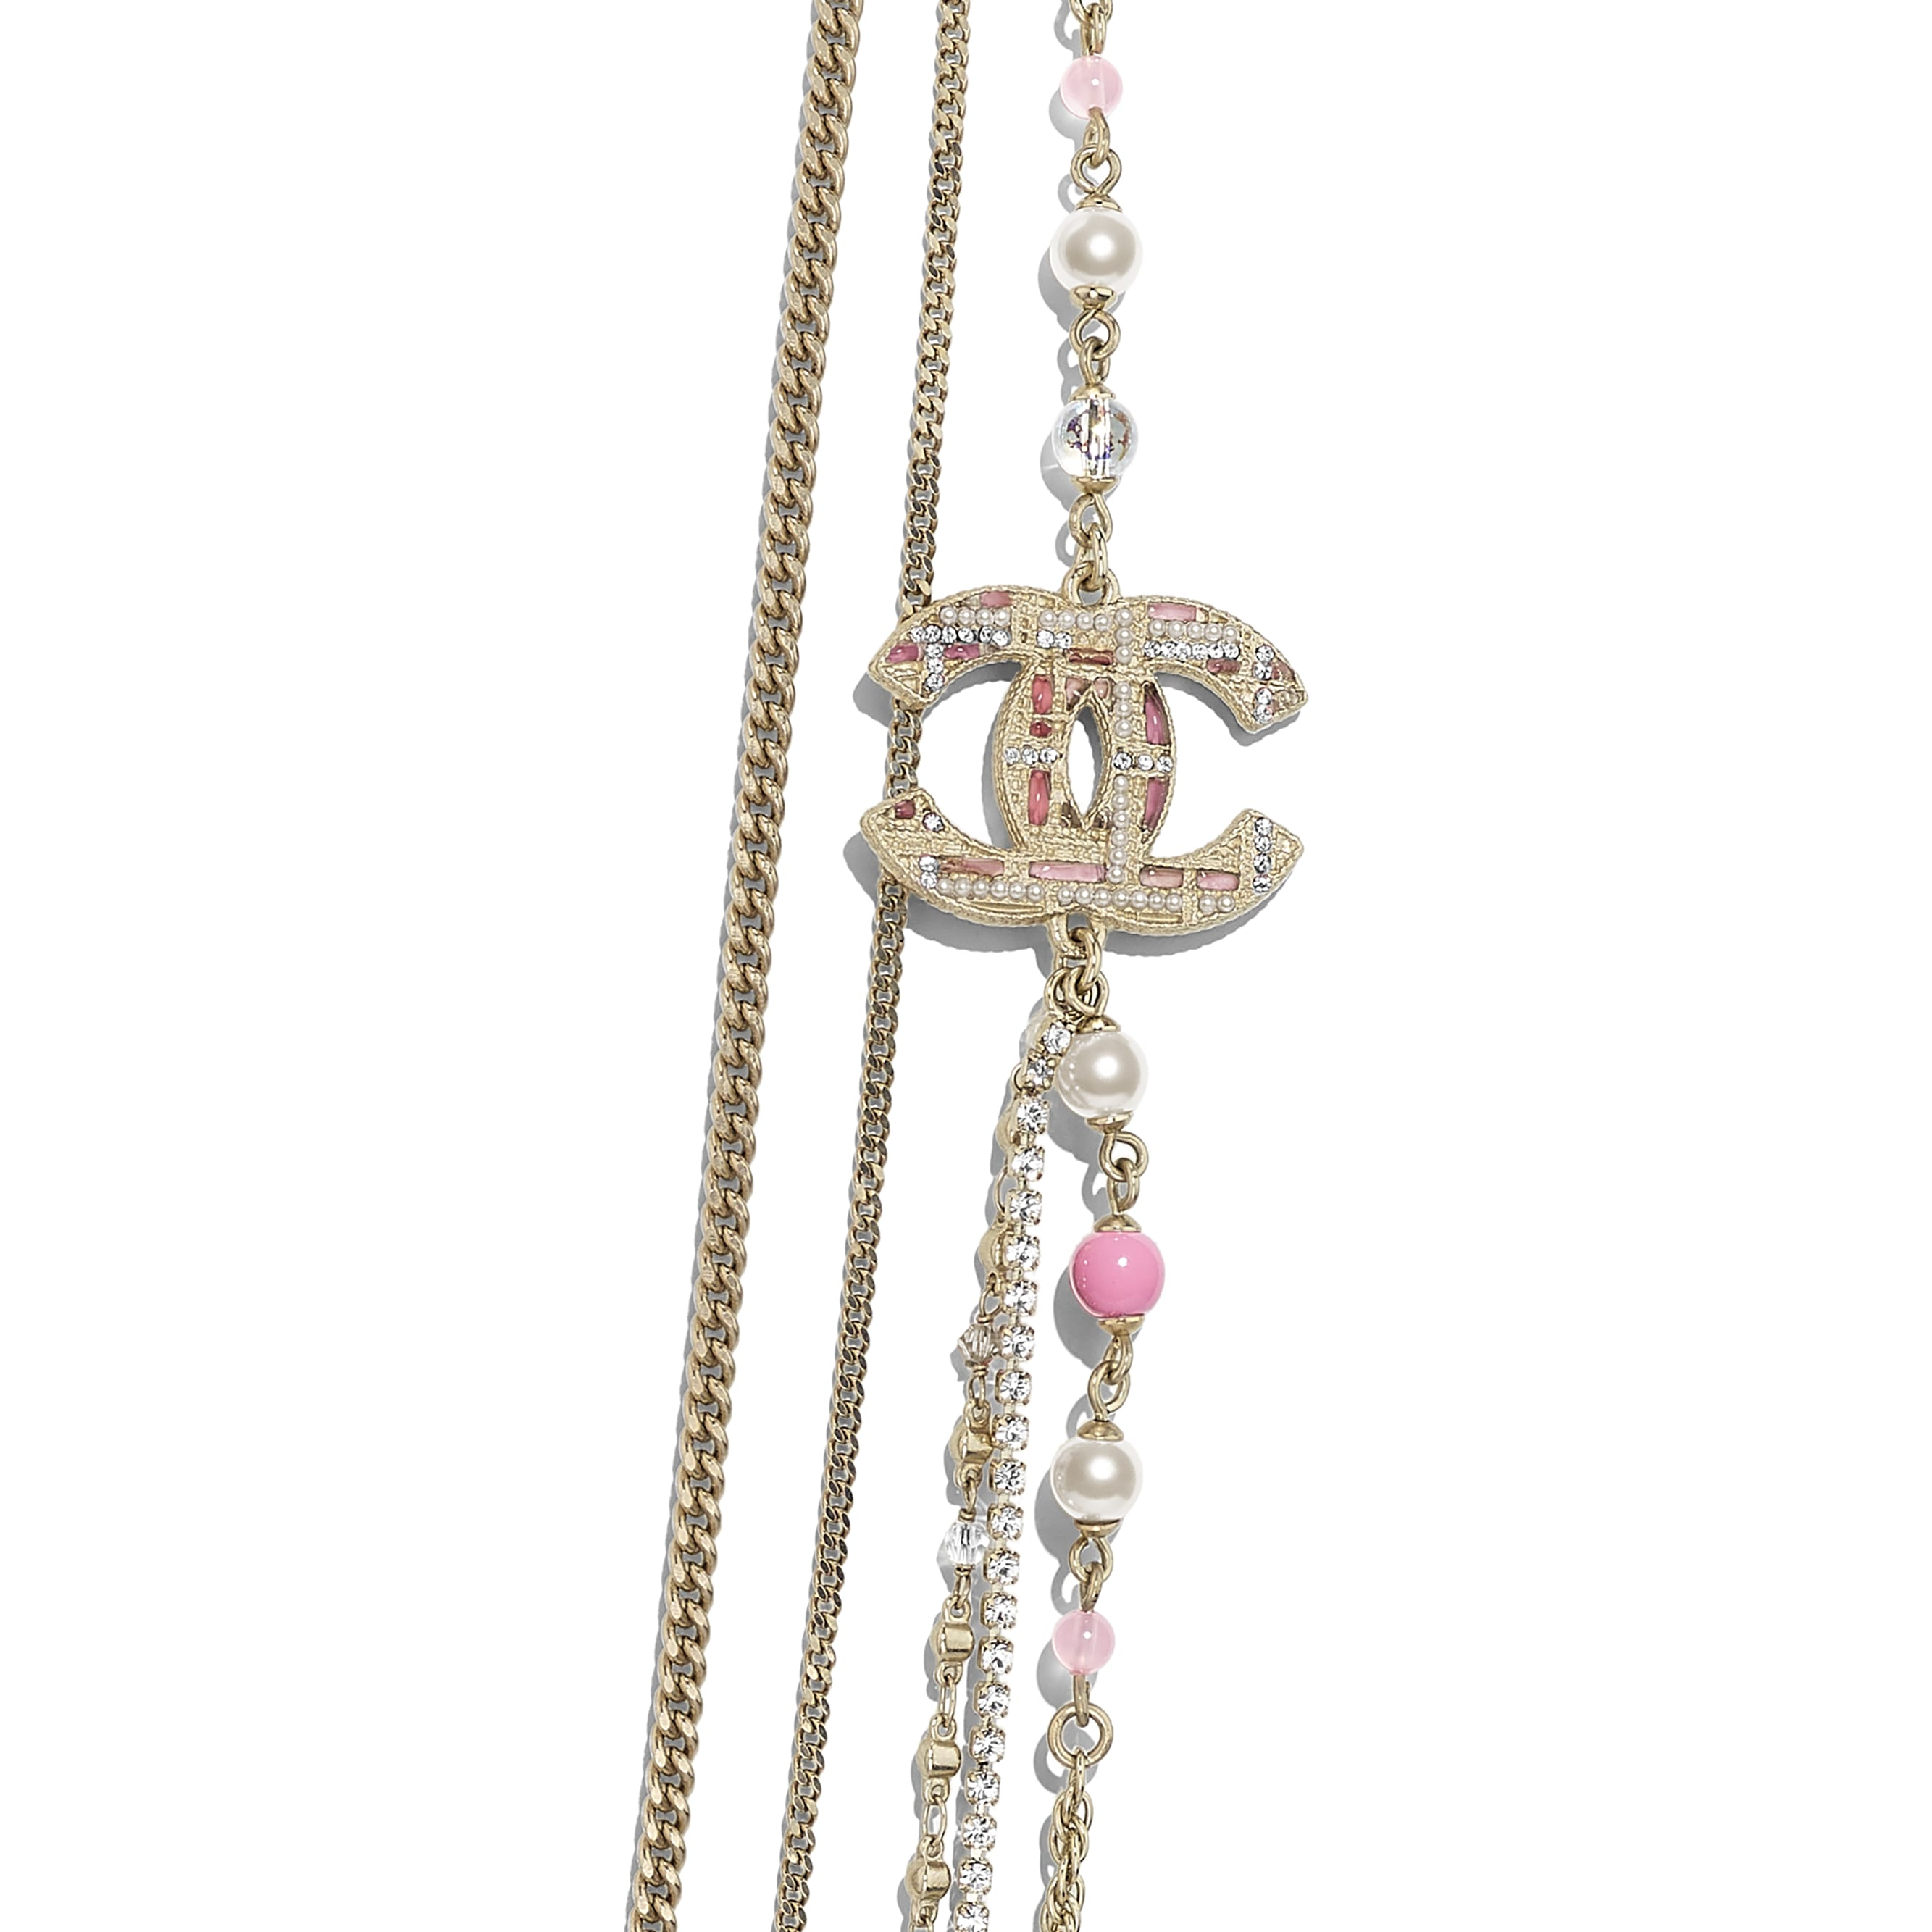 Длинное колье - Золотистый, жемчужно-белый и розовый - металл, жемчуг, стразы и смола - Другое изображение - посмотреть изображение стандартного размера